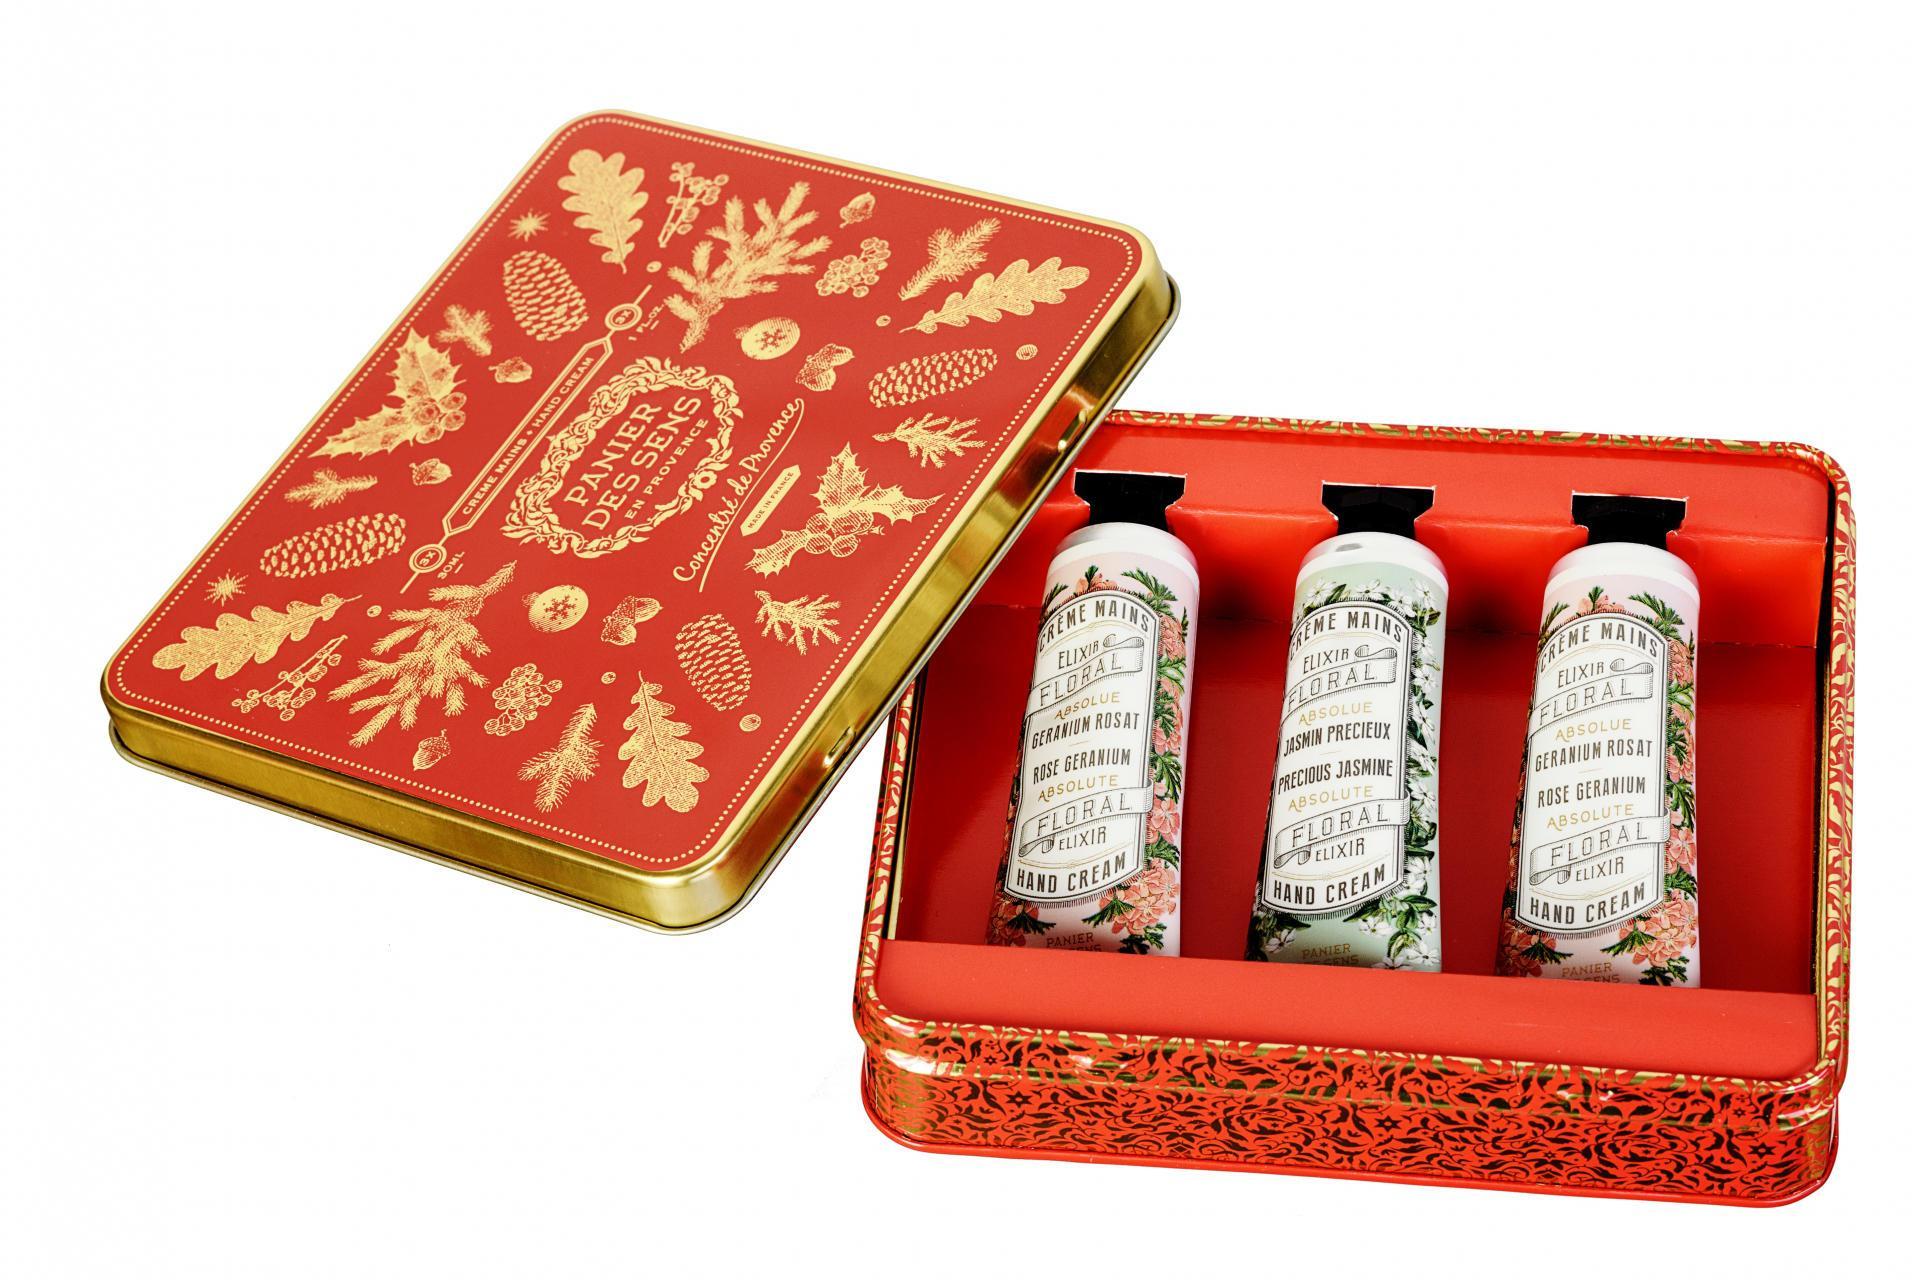 Panier des Sens Dárková sada mini krémů na ruce Christmas, červená barva, kov